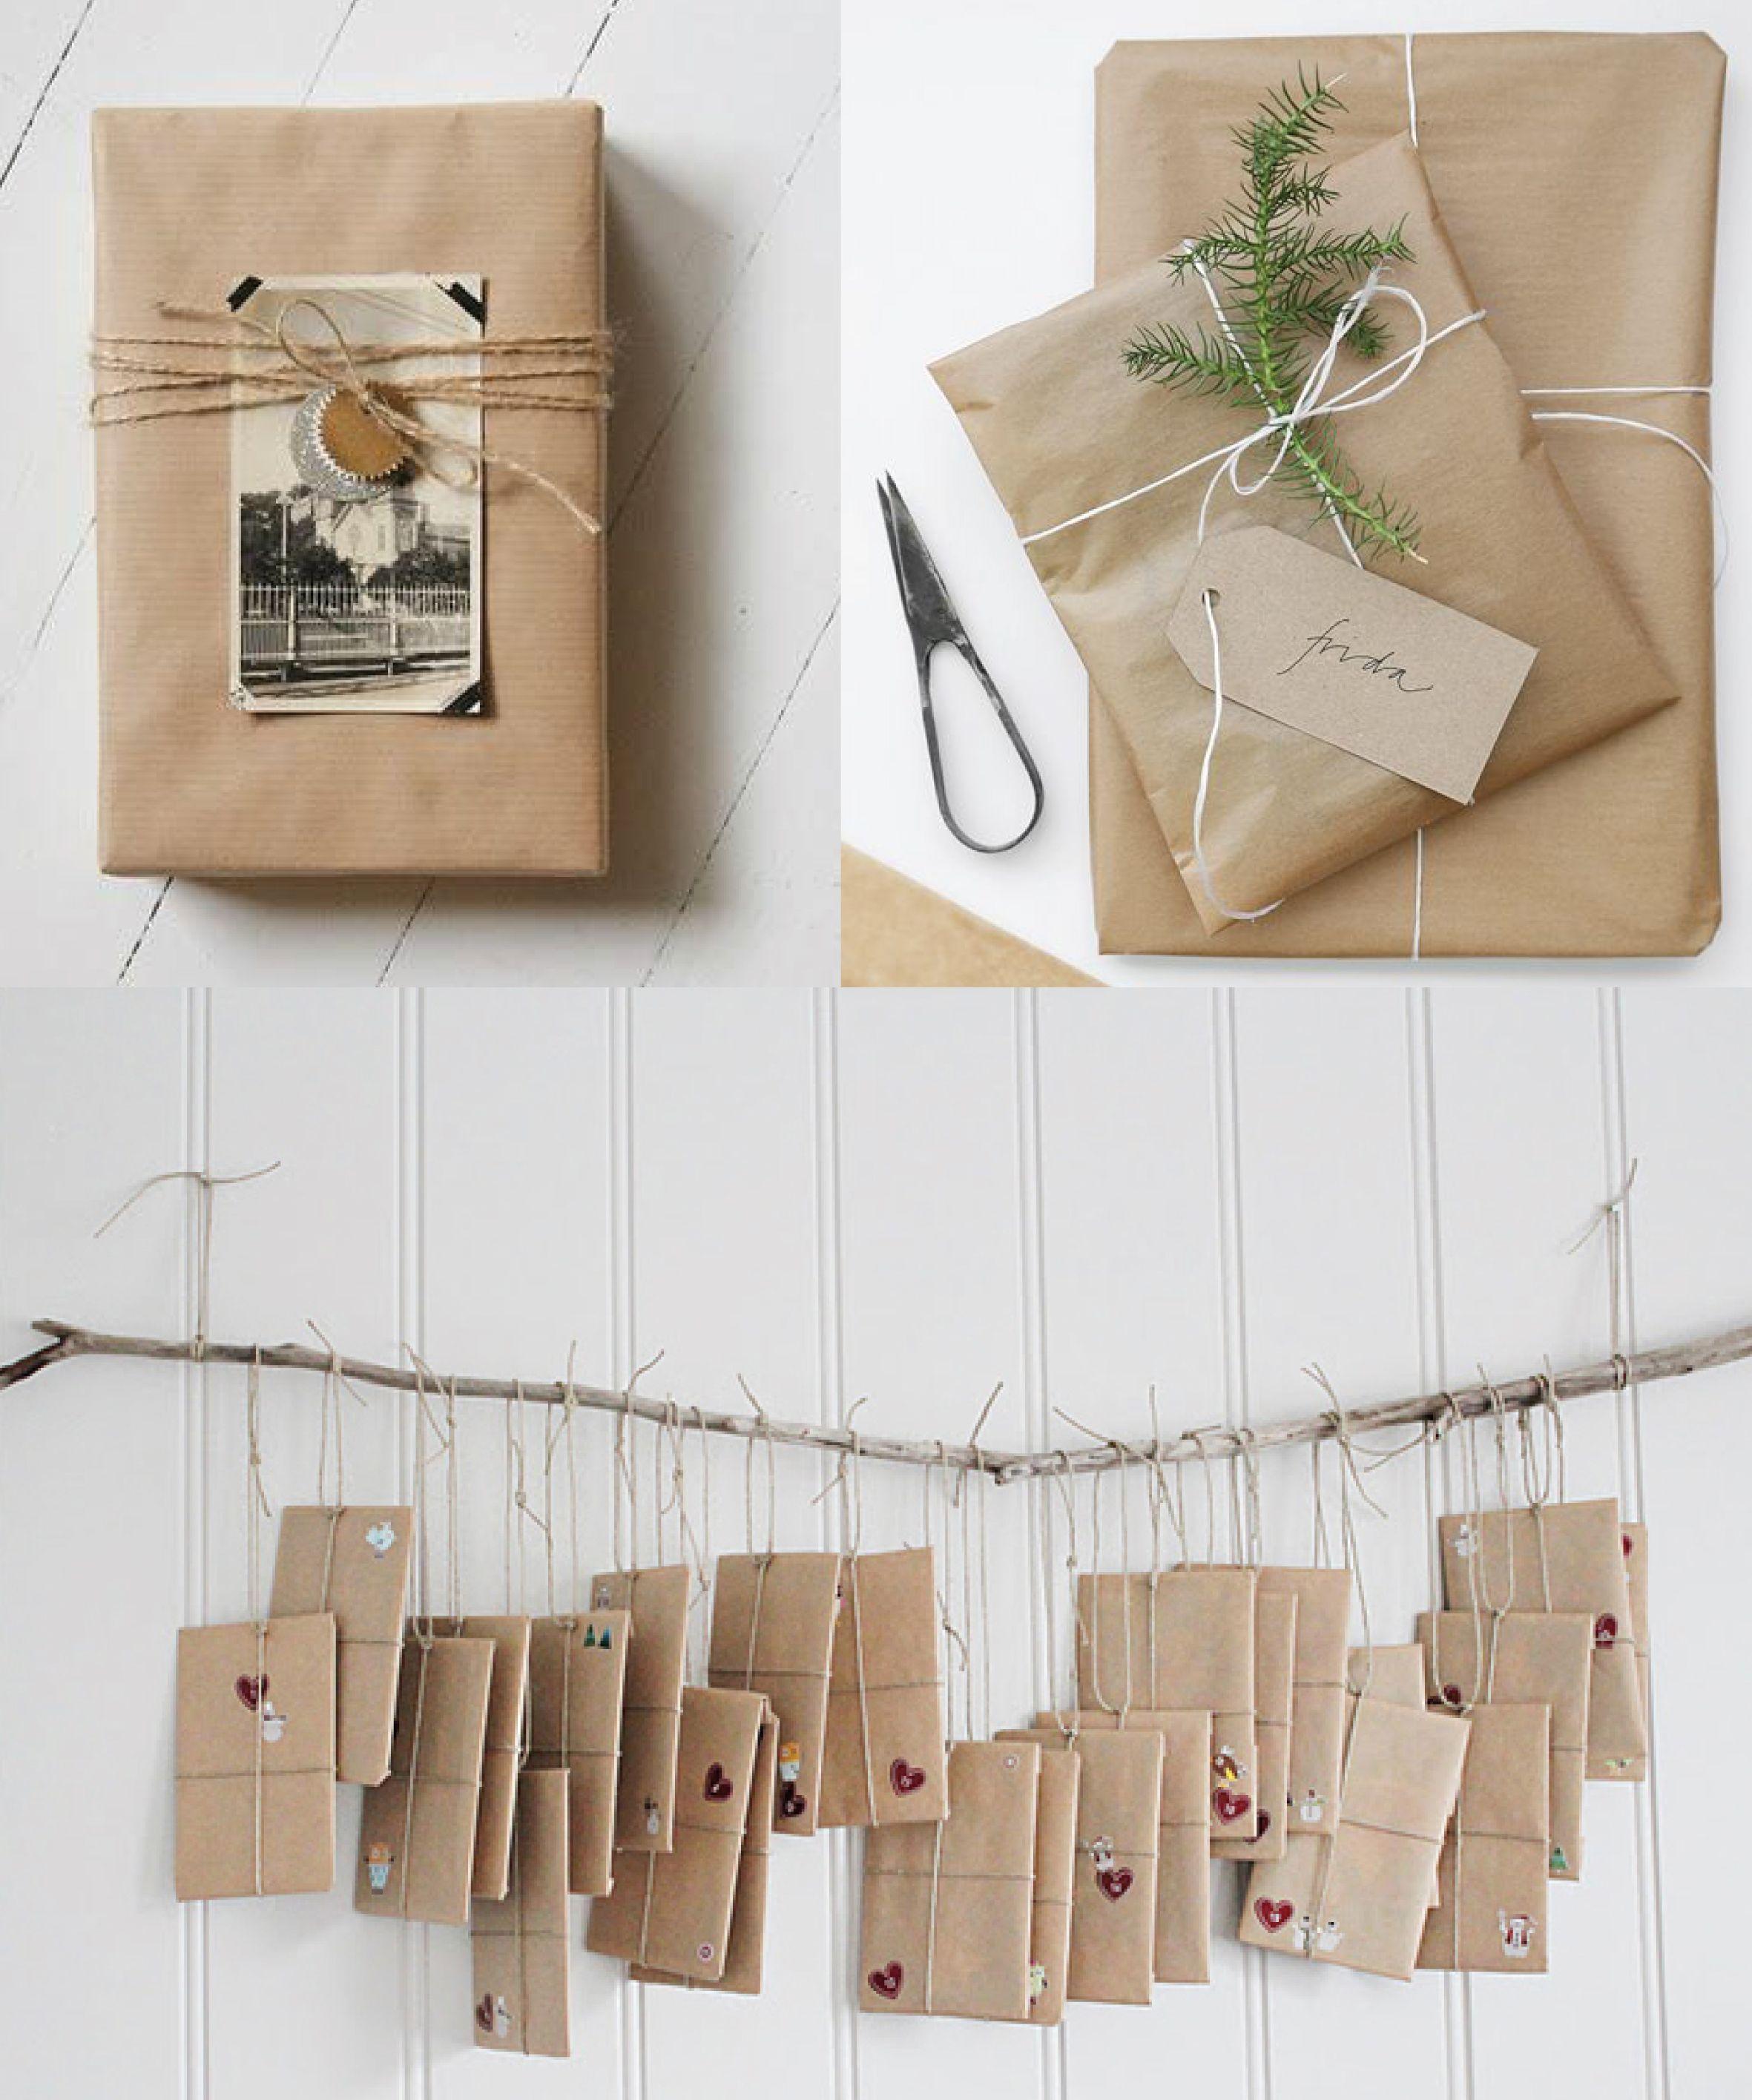 """Hoy nos adentramos un poco en el mundo de decoración de bodas con algunos de los materiales más """"in"""" del momento: papel kraft, papel vegetal y cartón. Todos ellos presentan ventajas: son materiales..."""